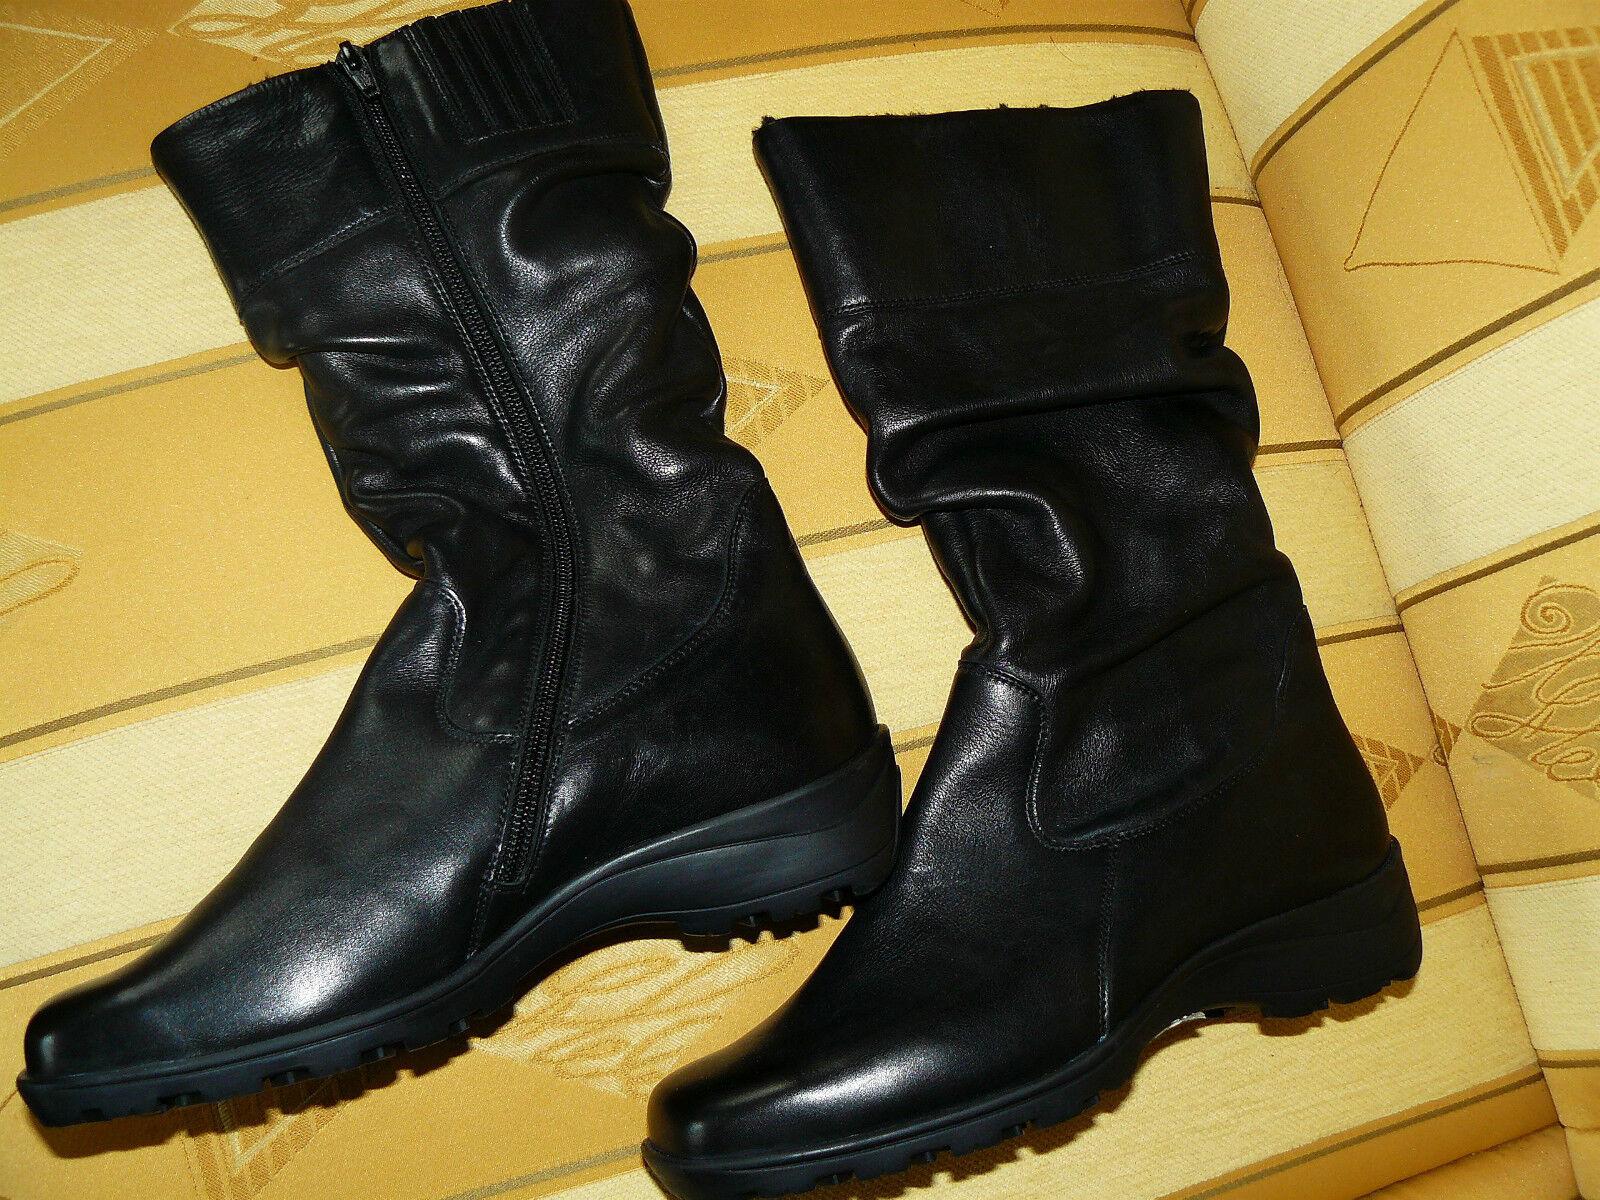 SEMLER Echt Leder Gr. 4 (37-37,5) ?  Stiefel Schwarz Neu! NP.195,00 Euro